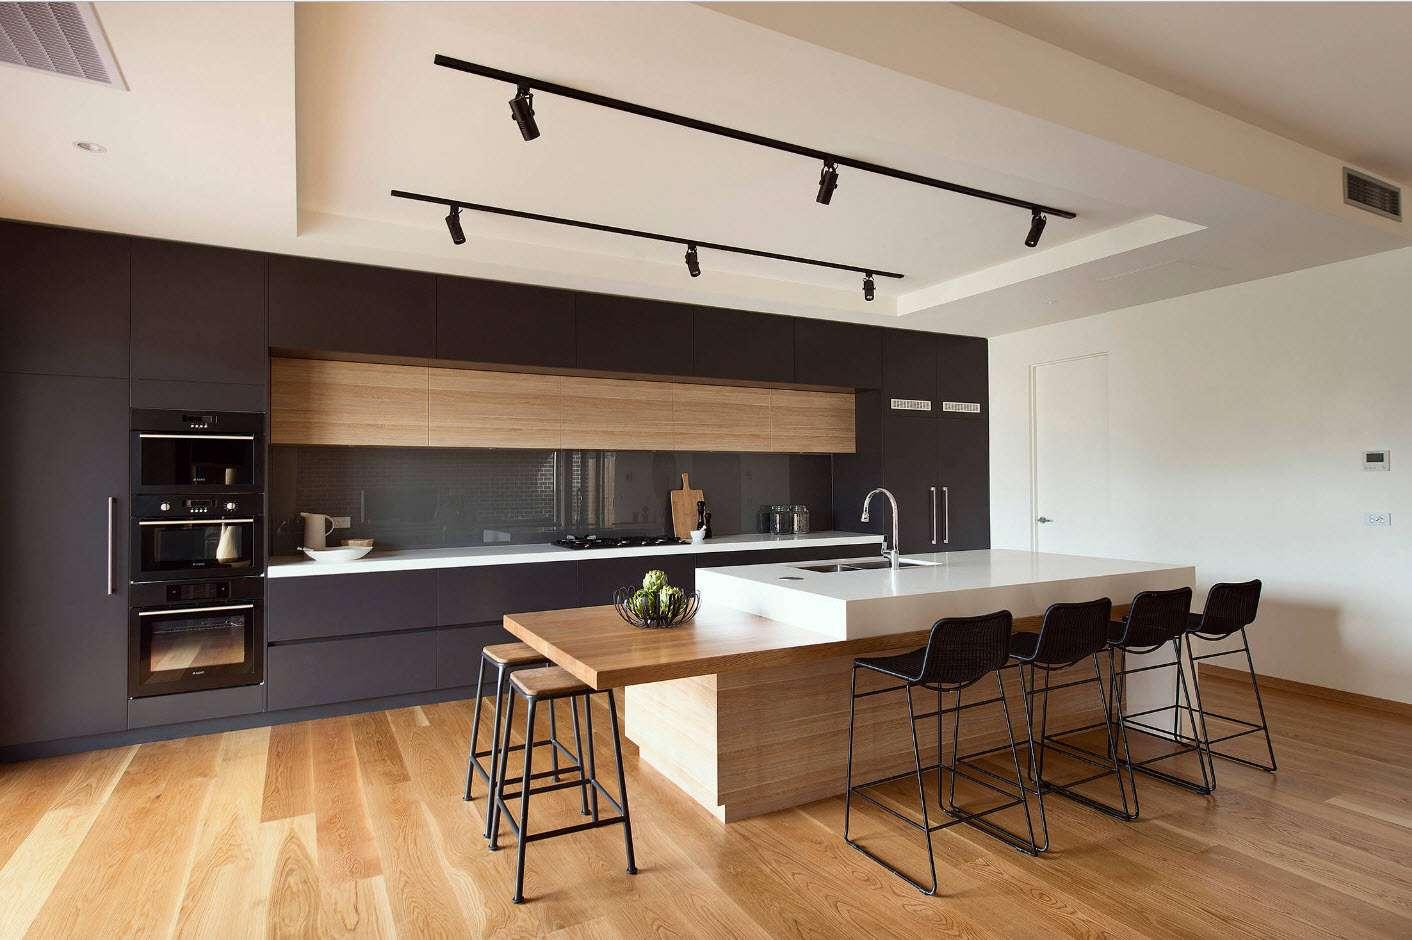 bucătărie modernă cu aparate integrate